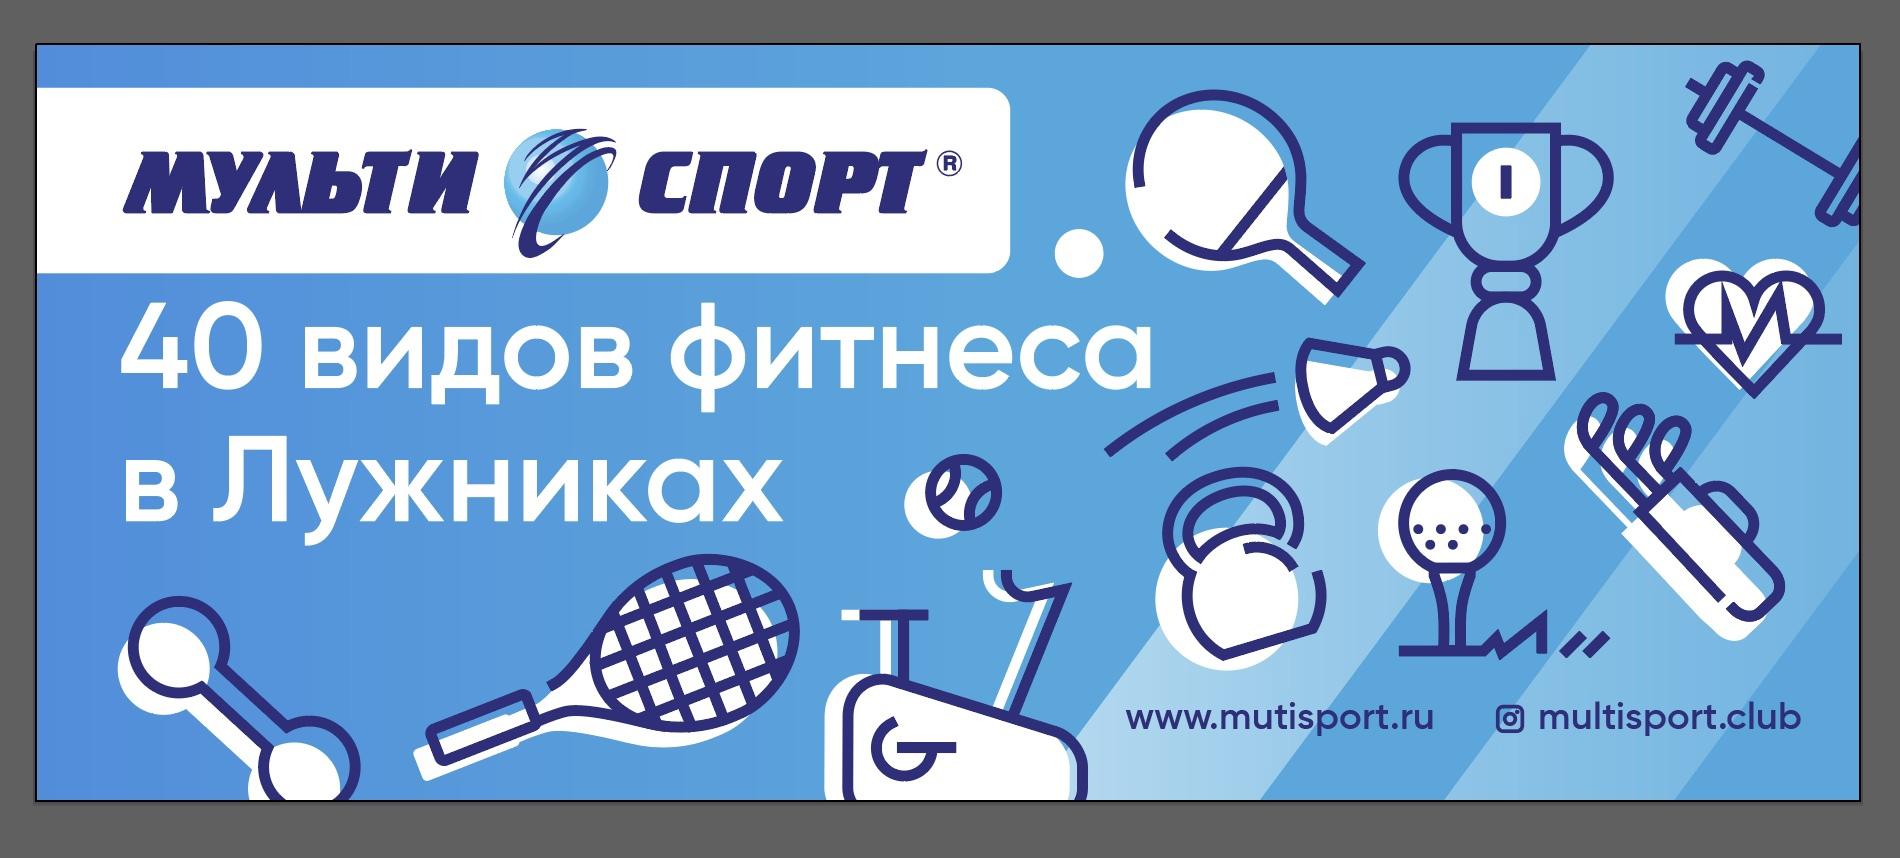 Спортивная секция фехтование в Москве